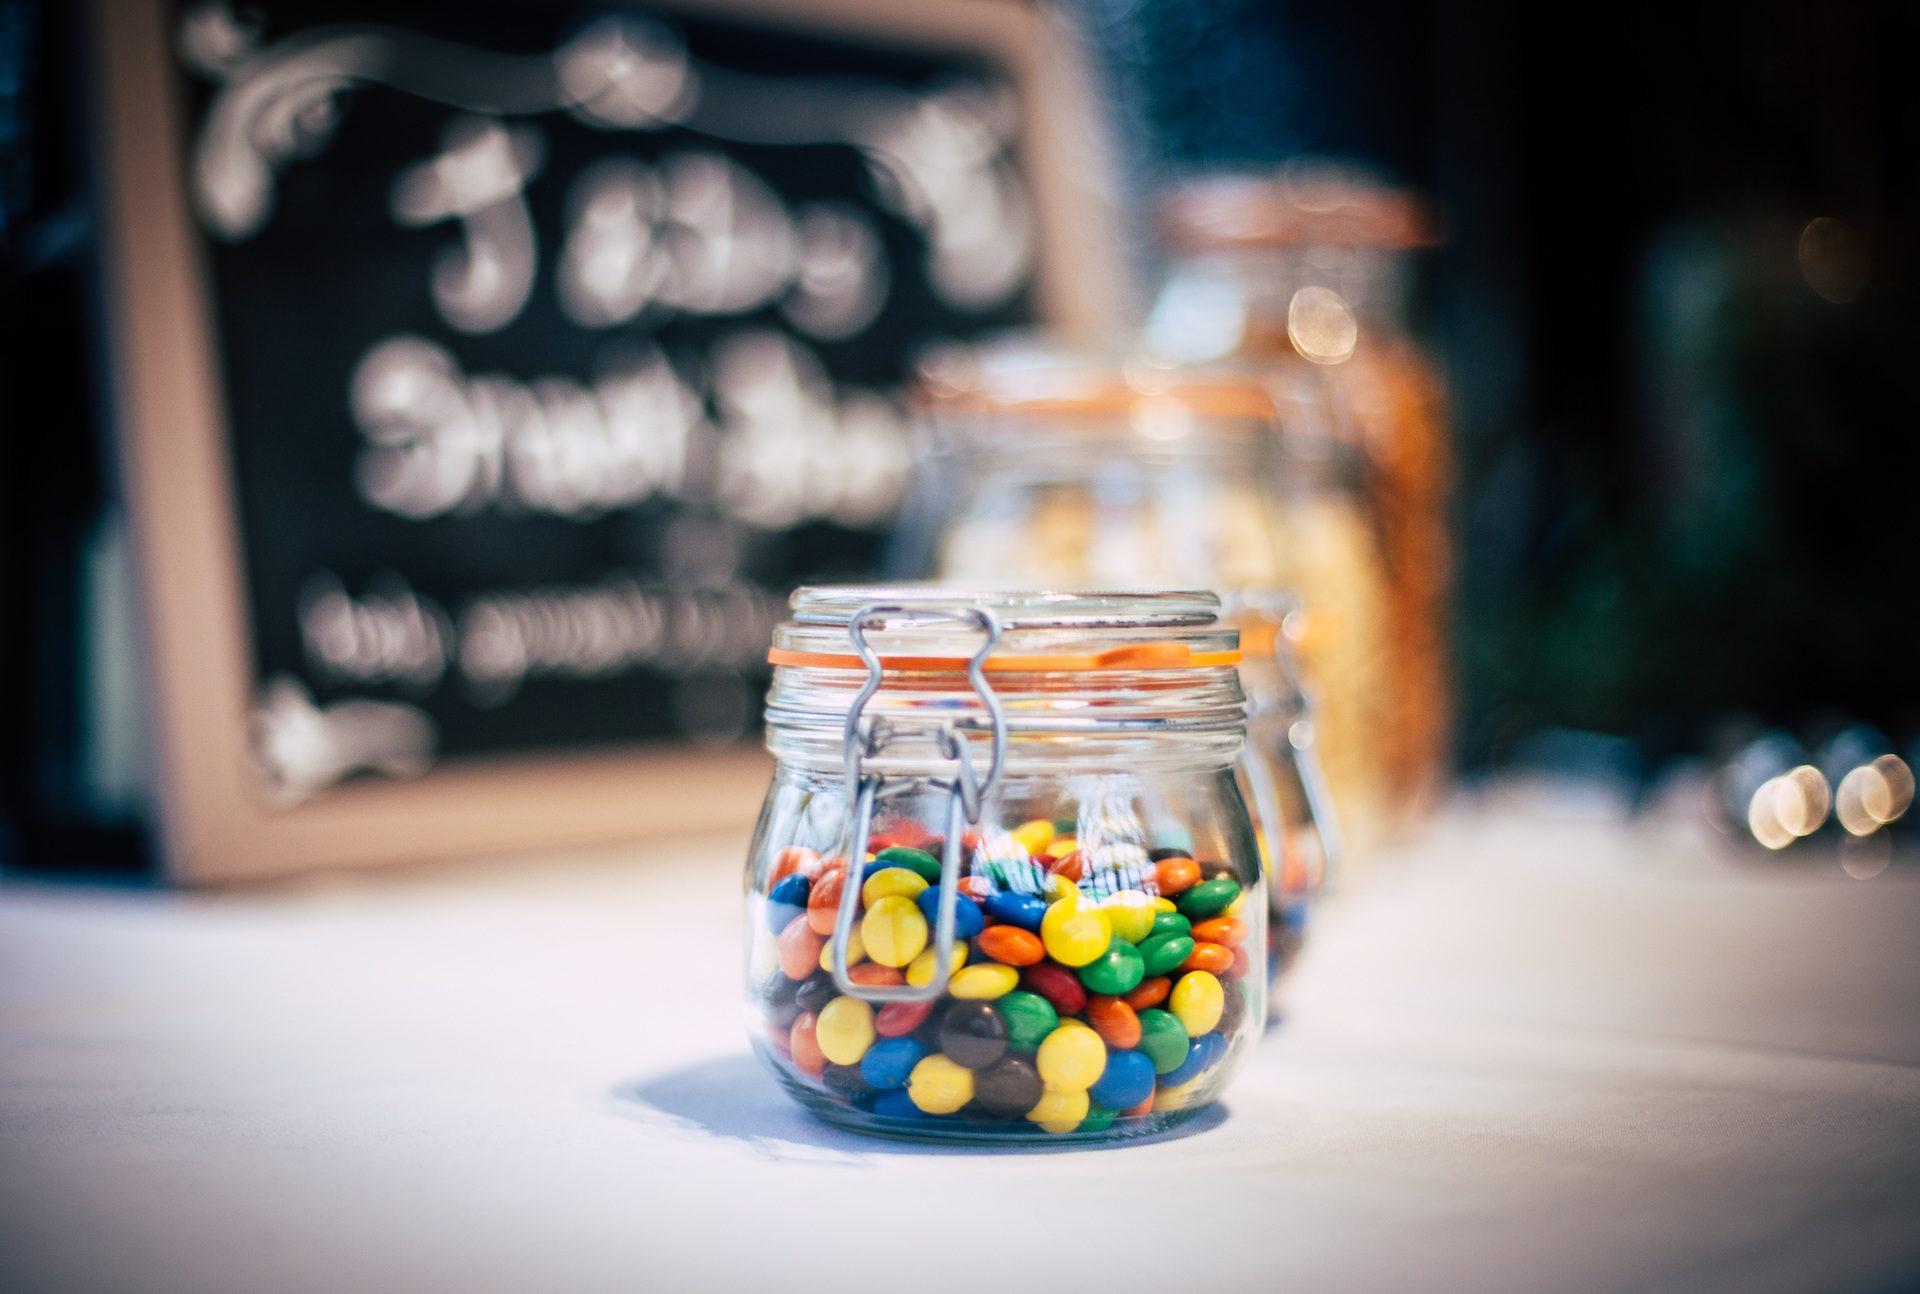 甘い, caramelos, キャンディ, jar, カラフルです - HD の壁紙 - 教授-falken.com